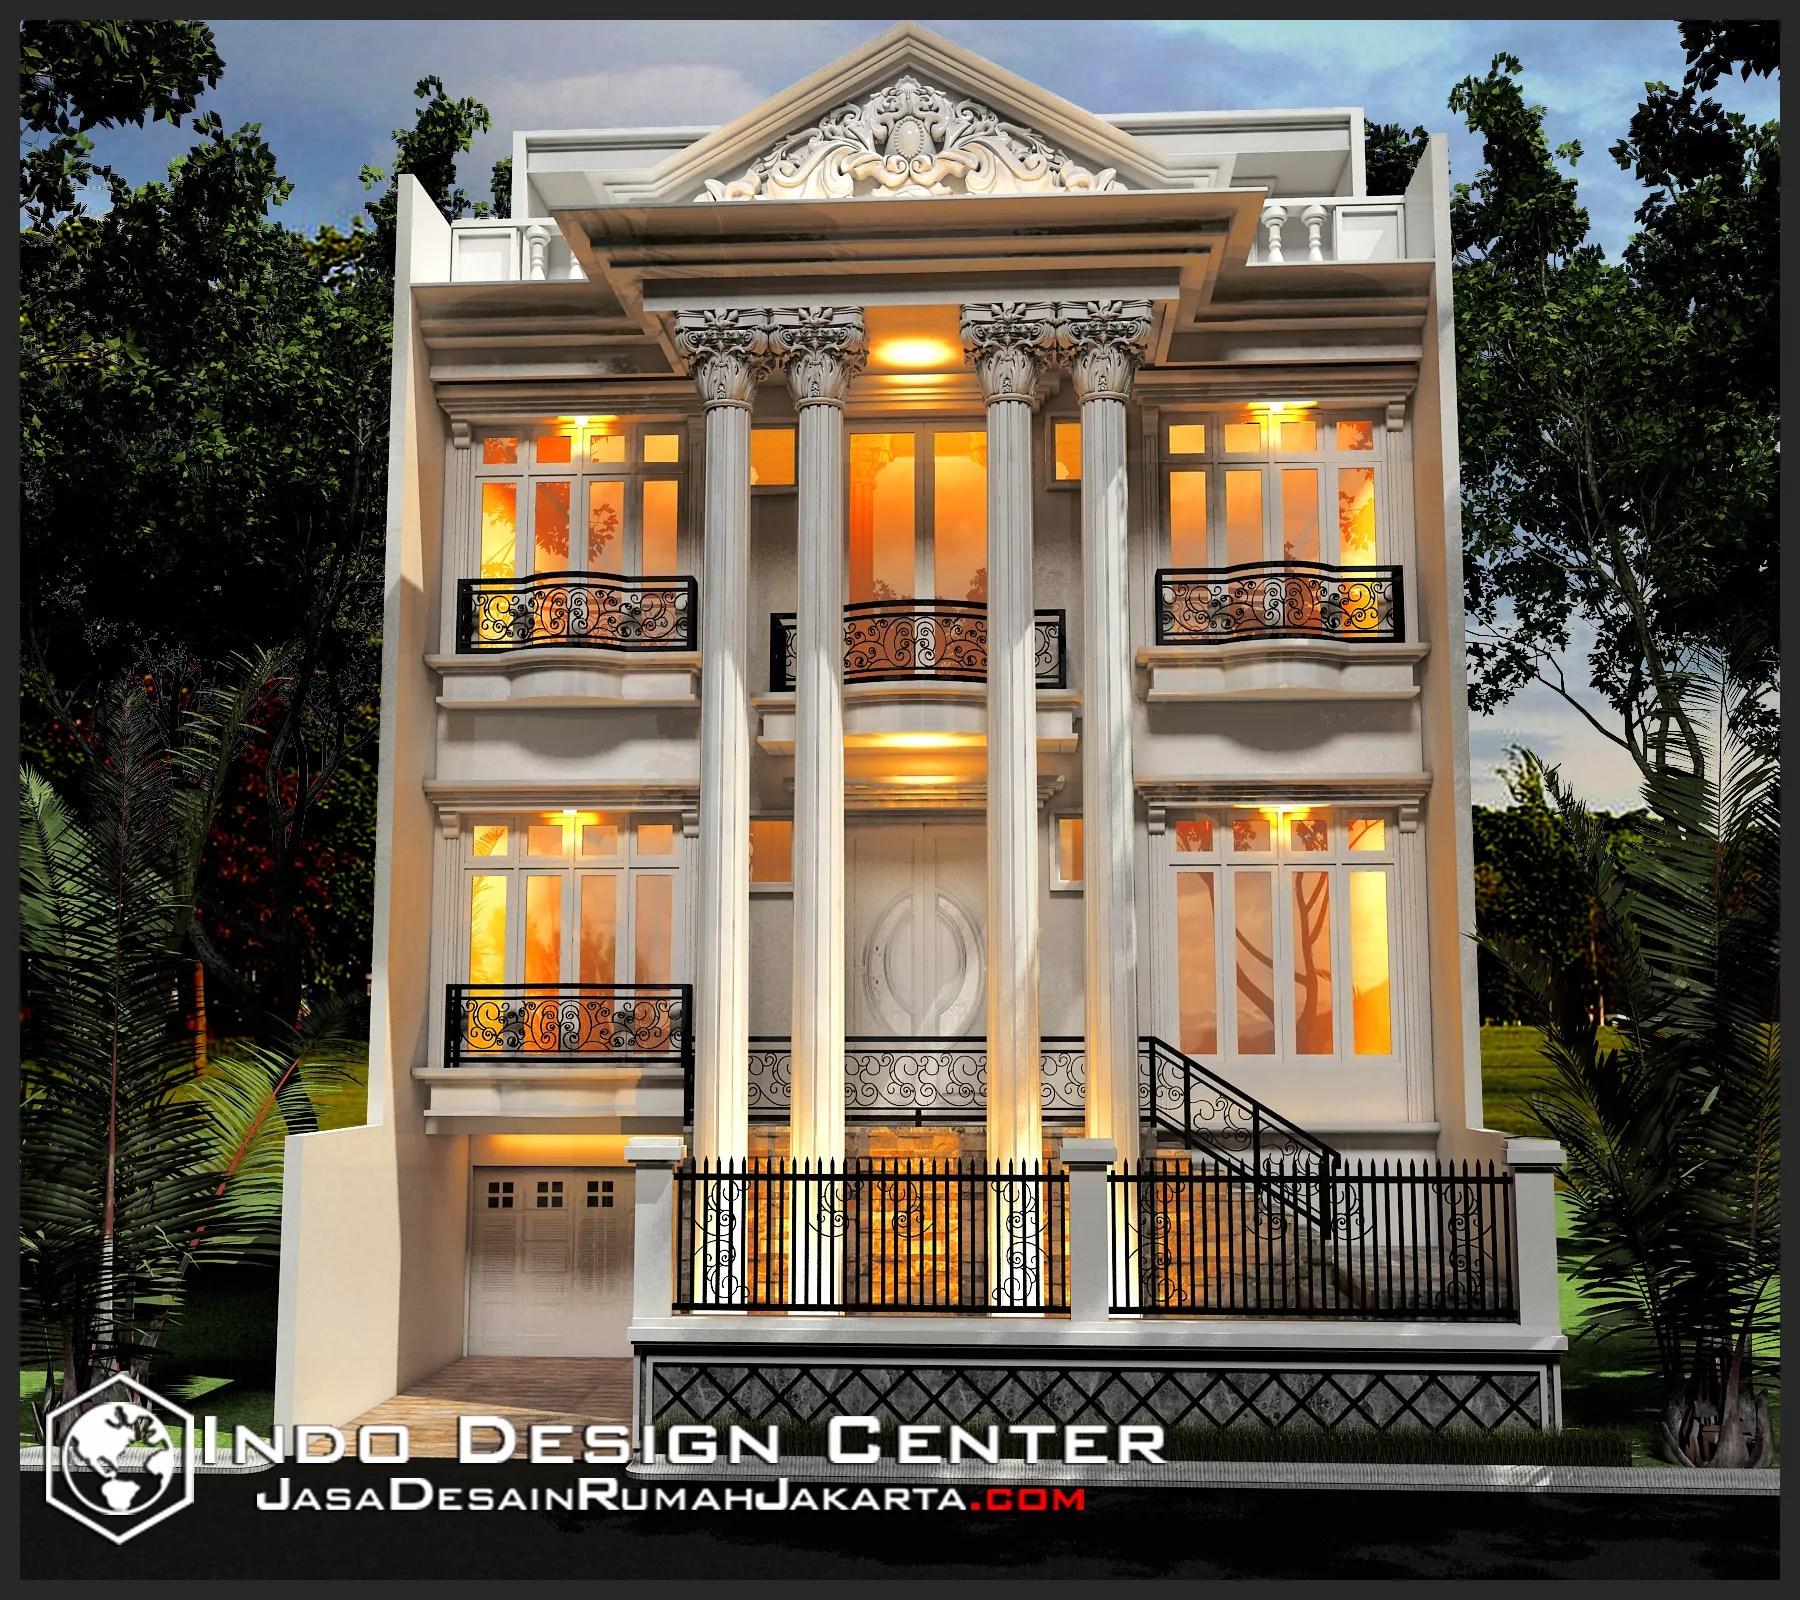 Gambar Rumah Mewah Klasik Ibu Elisa Jasa Desain Rumah Jakarta